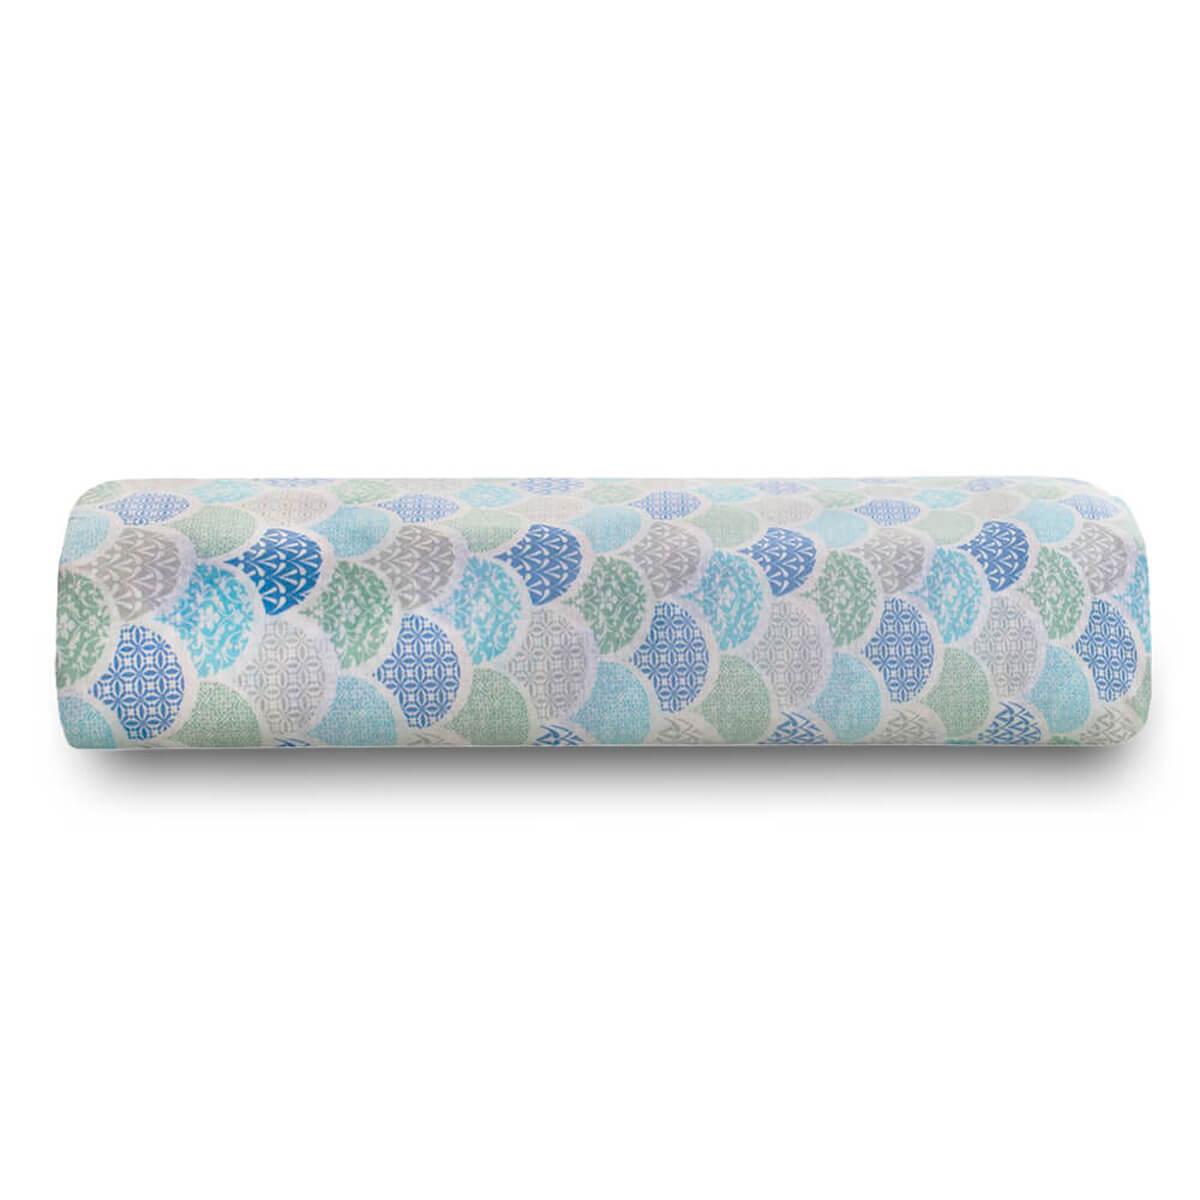 Lençol Solteiro Avulso 100% Algodão Royal Estampado Deco Azul